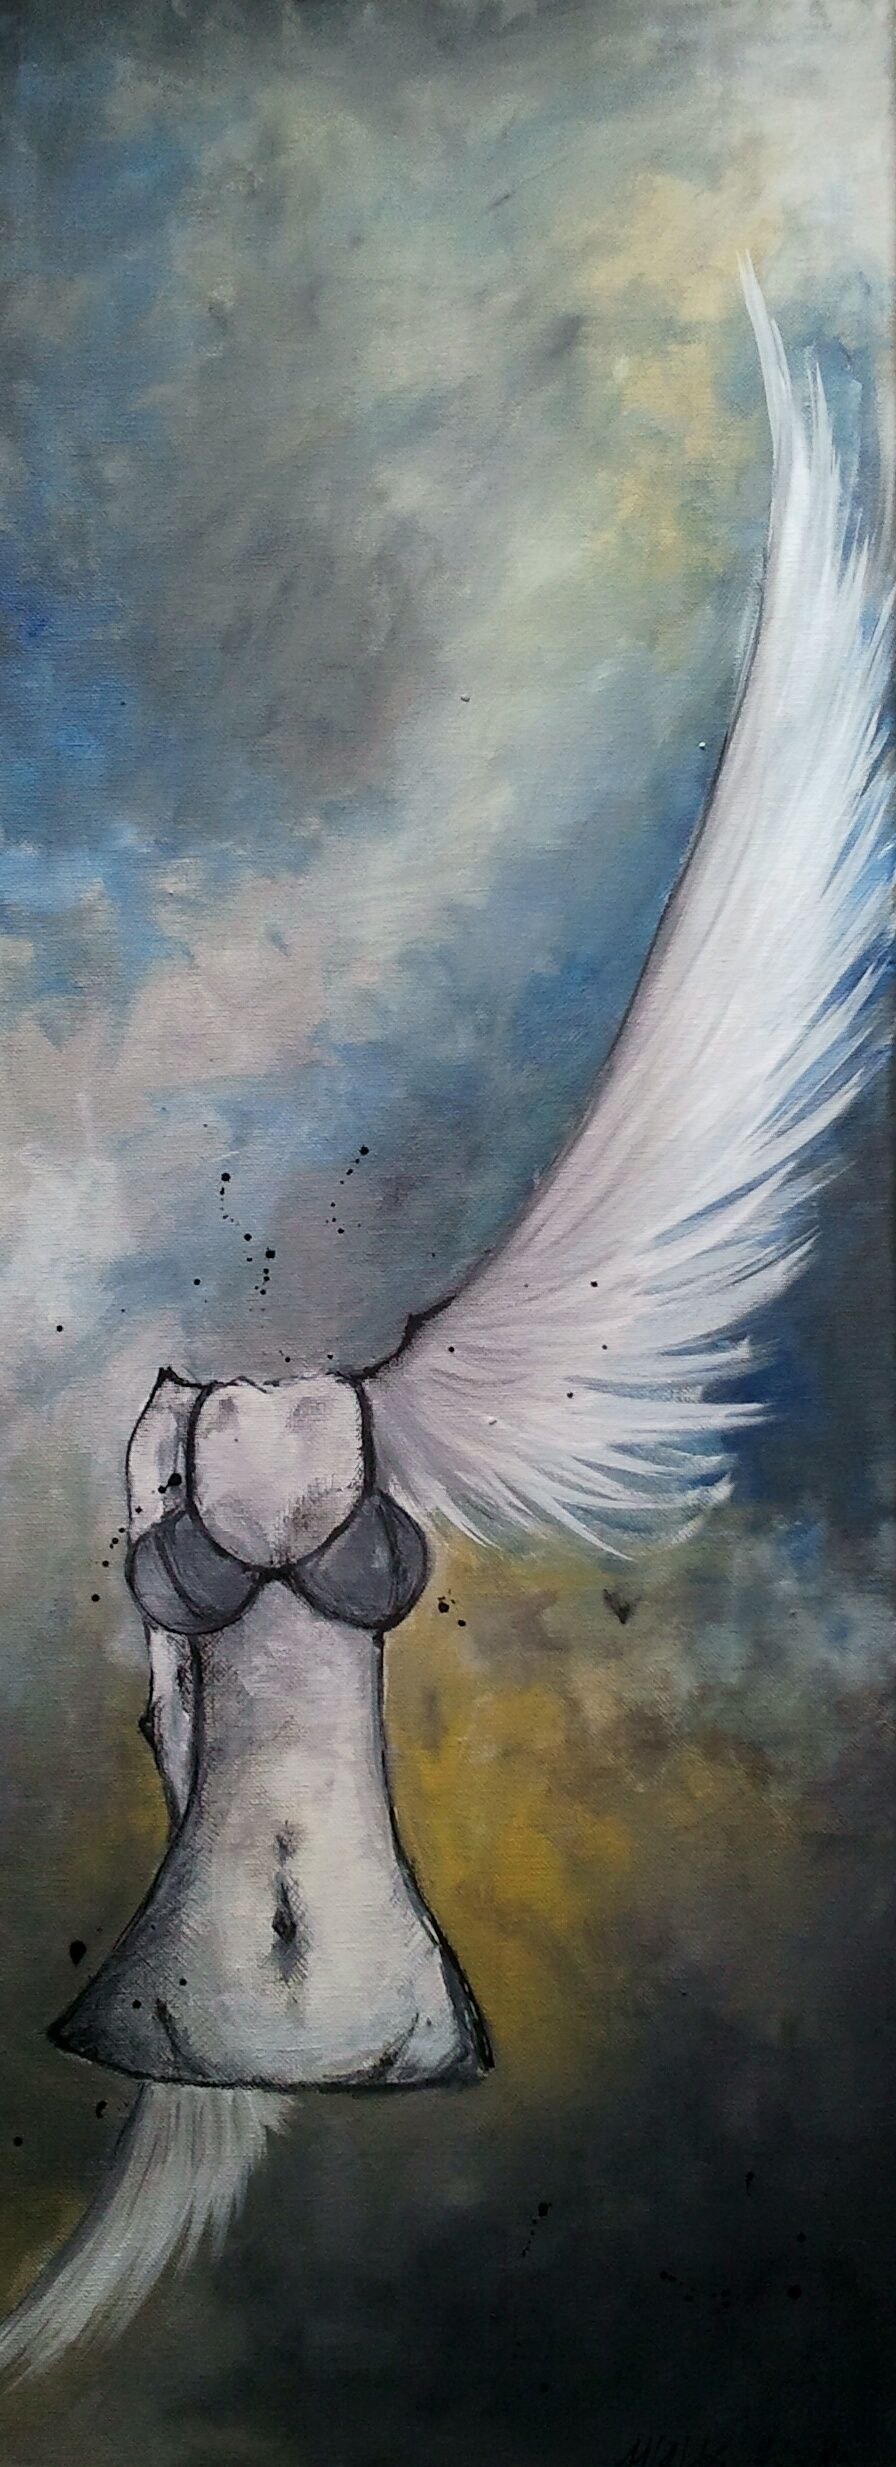 Nur Einen Flügelschlag Entfernt Engel Traum Akt Flügelschlag